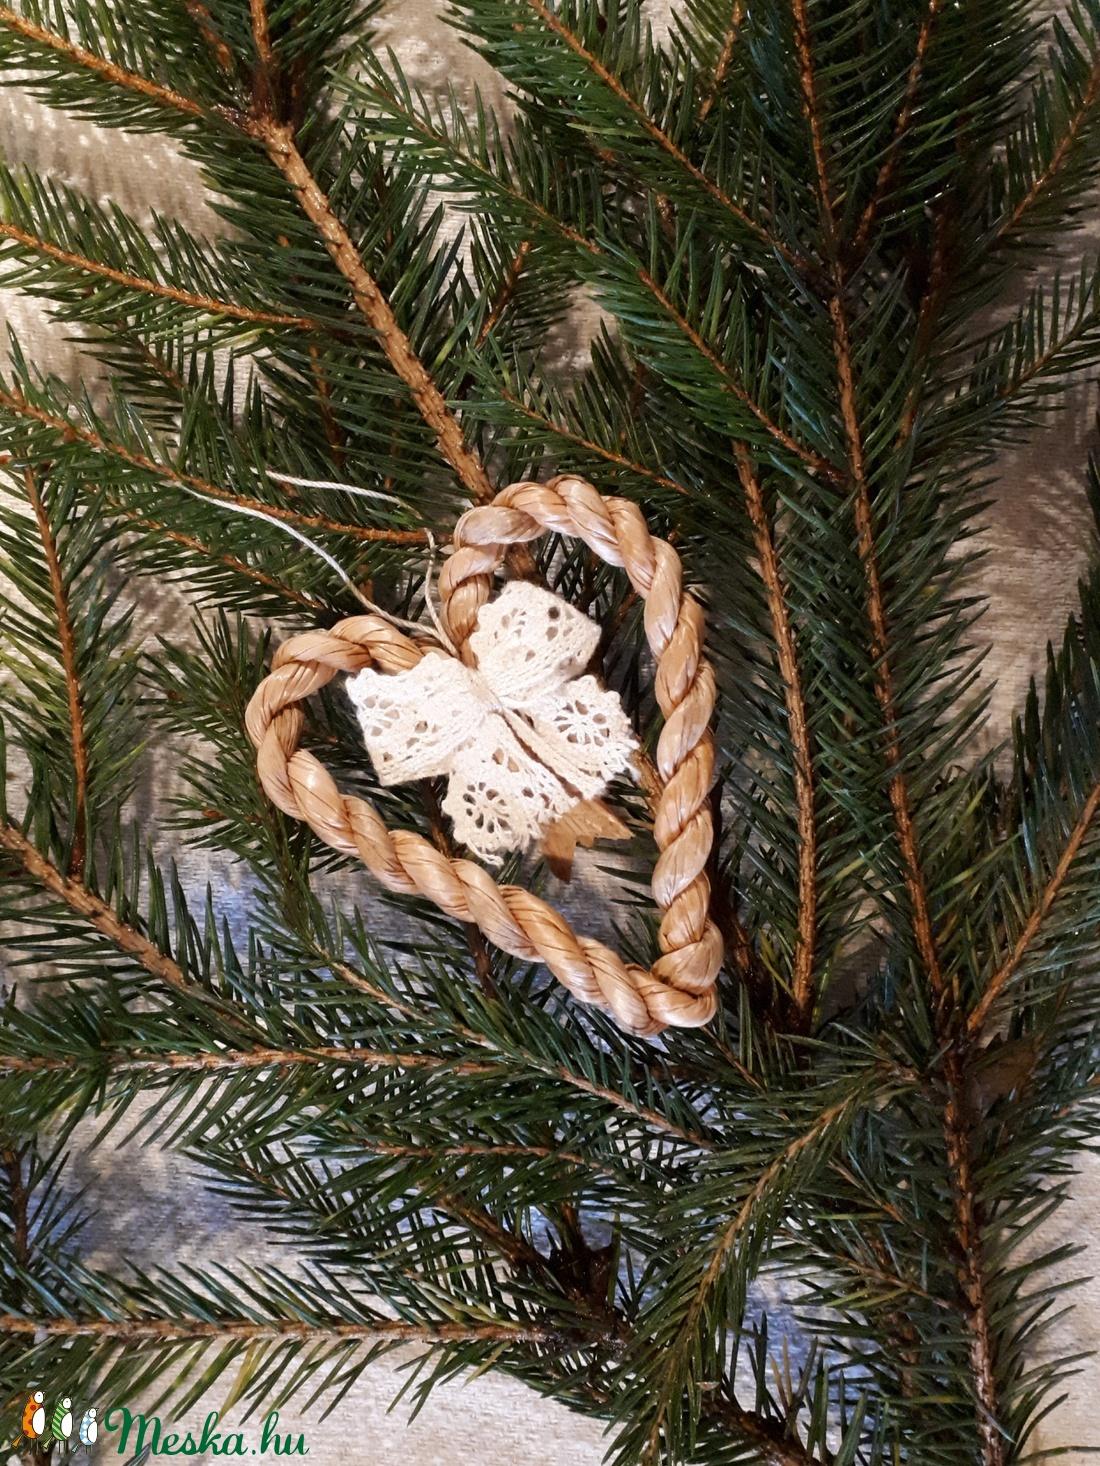 Karácsonyi dísz, fonott gyékényszív csipke masnival - természetes dekoráció (kezmuvesporta) - Meska.hu